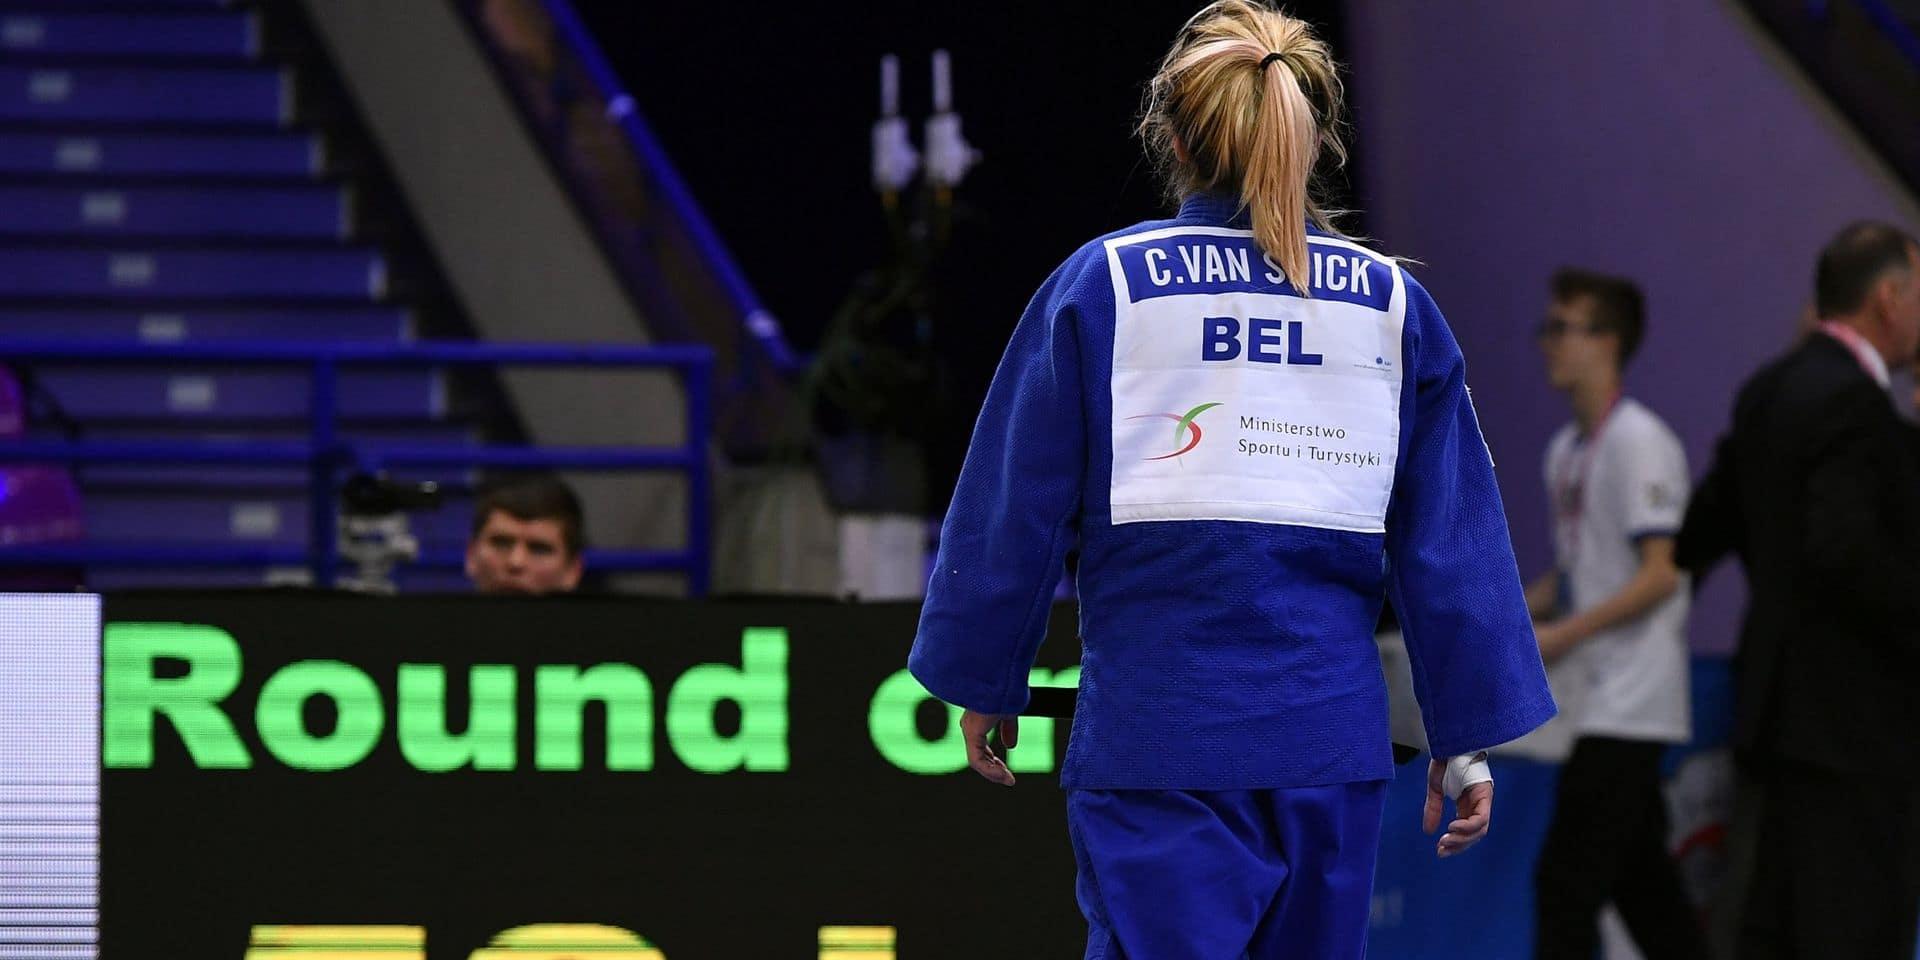 Judo : Charline Van Snick sortie par l'arbitre à Kazan ! (VIDÉO)